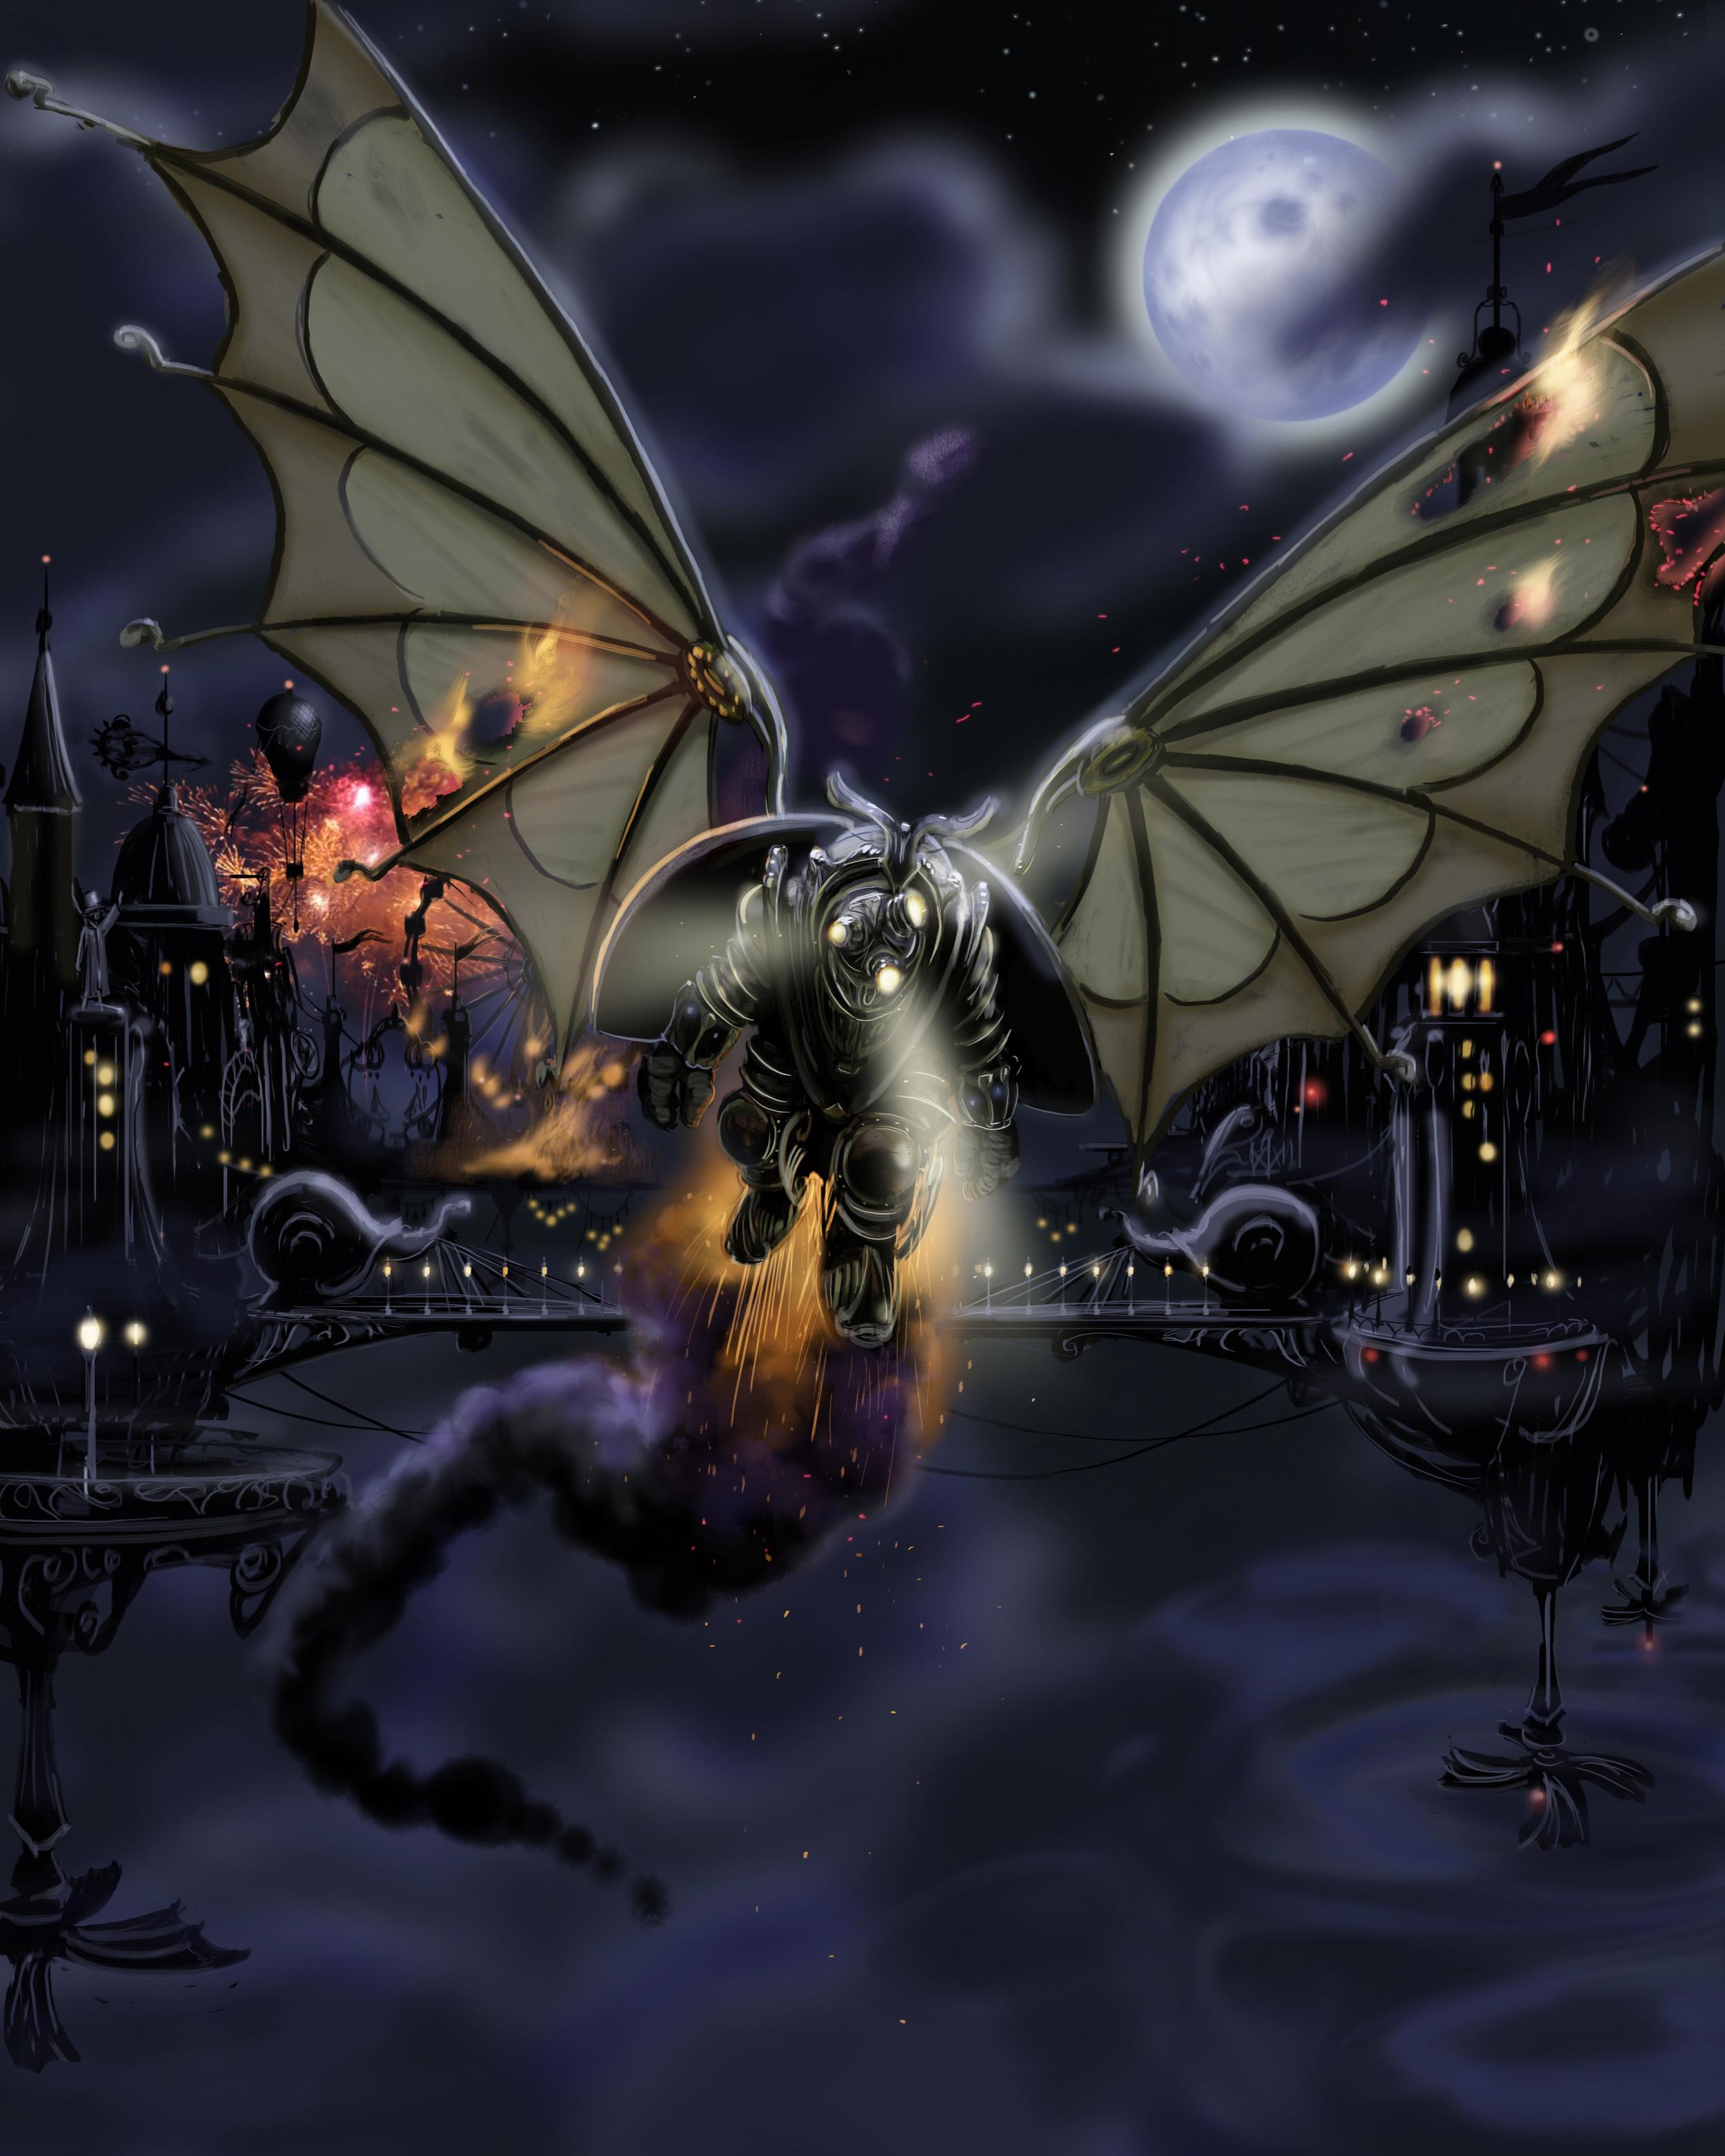 mothman in flight.jpg